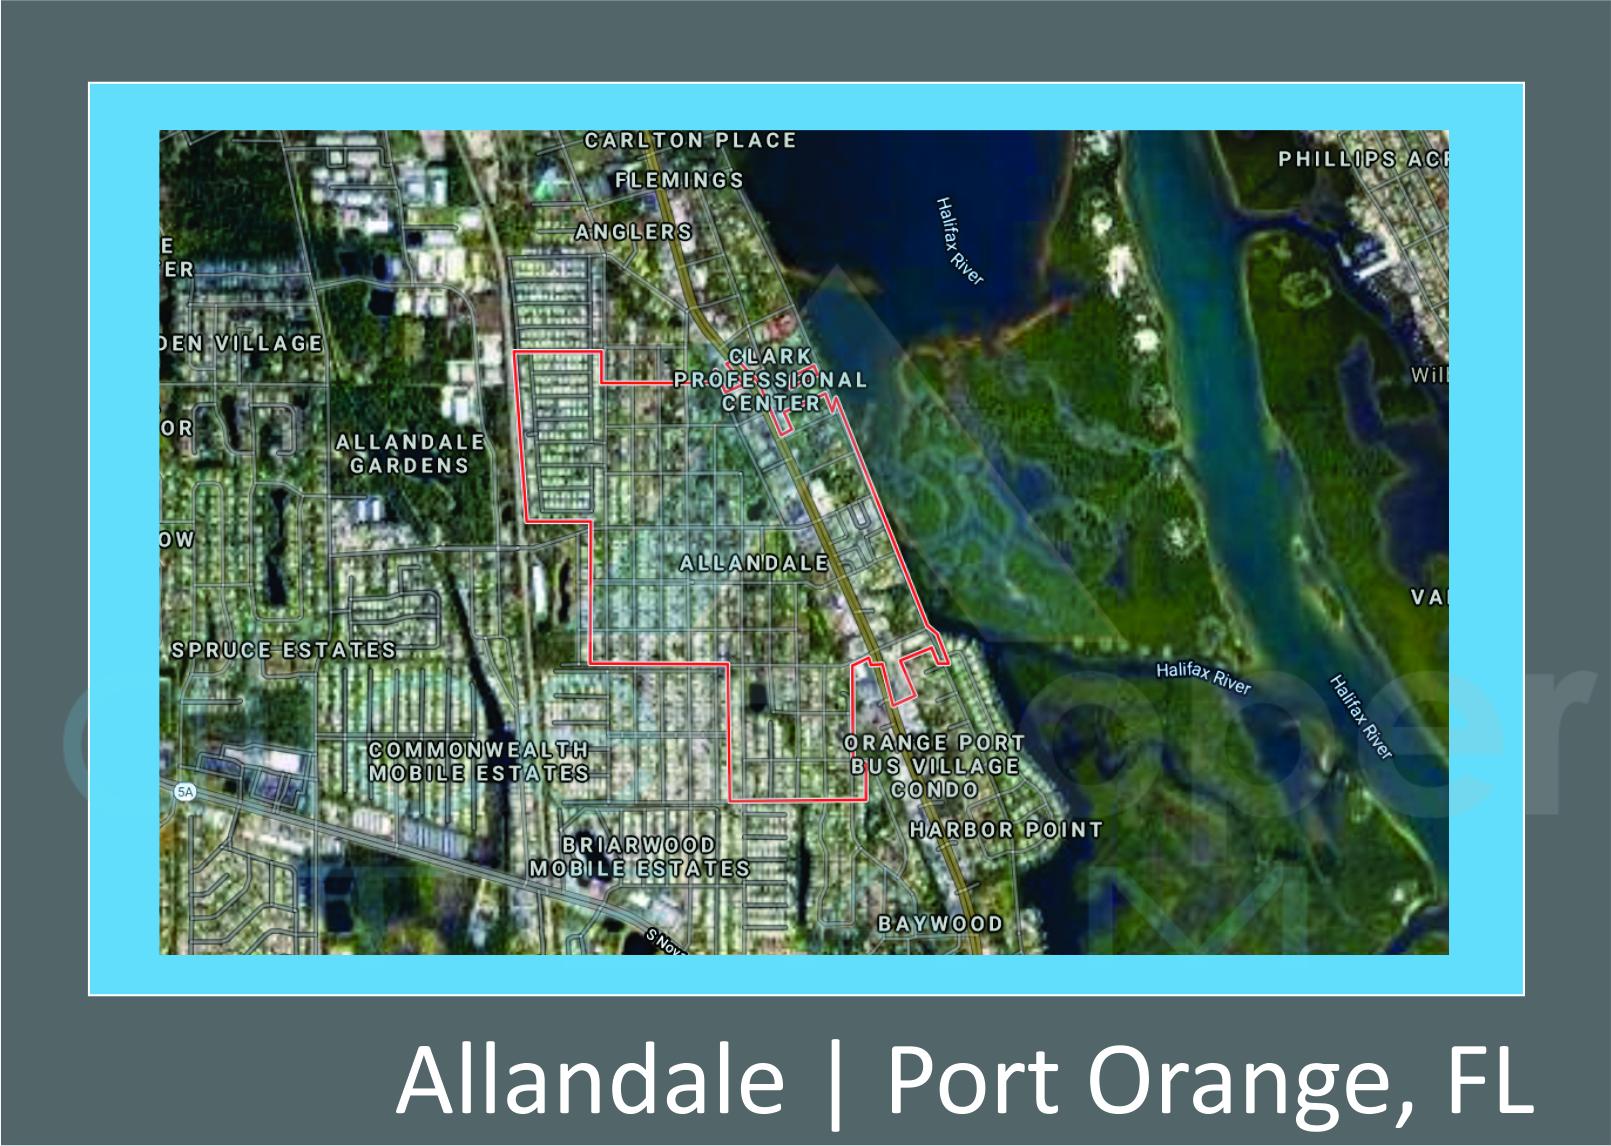 Map of Allandale, Port Orange, FL